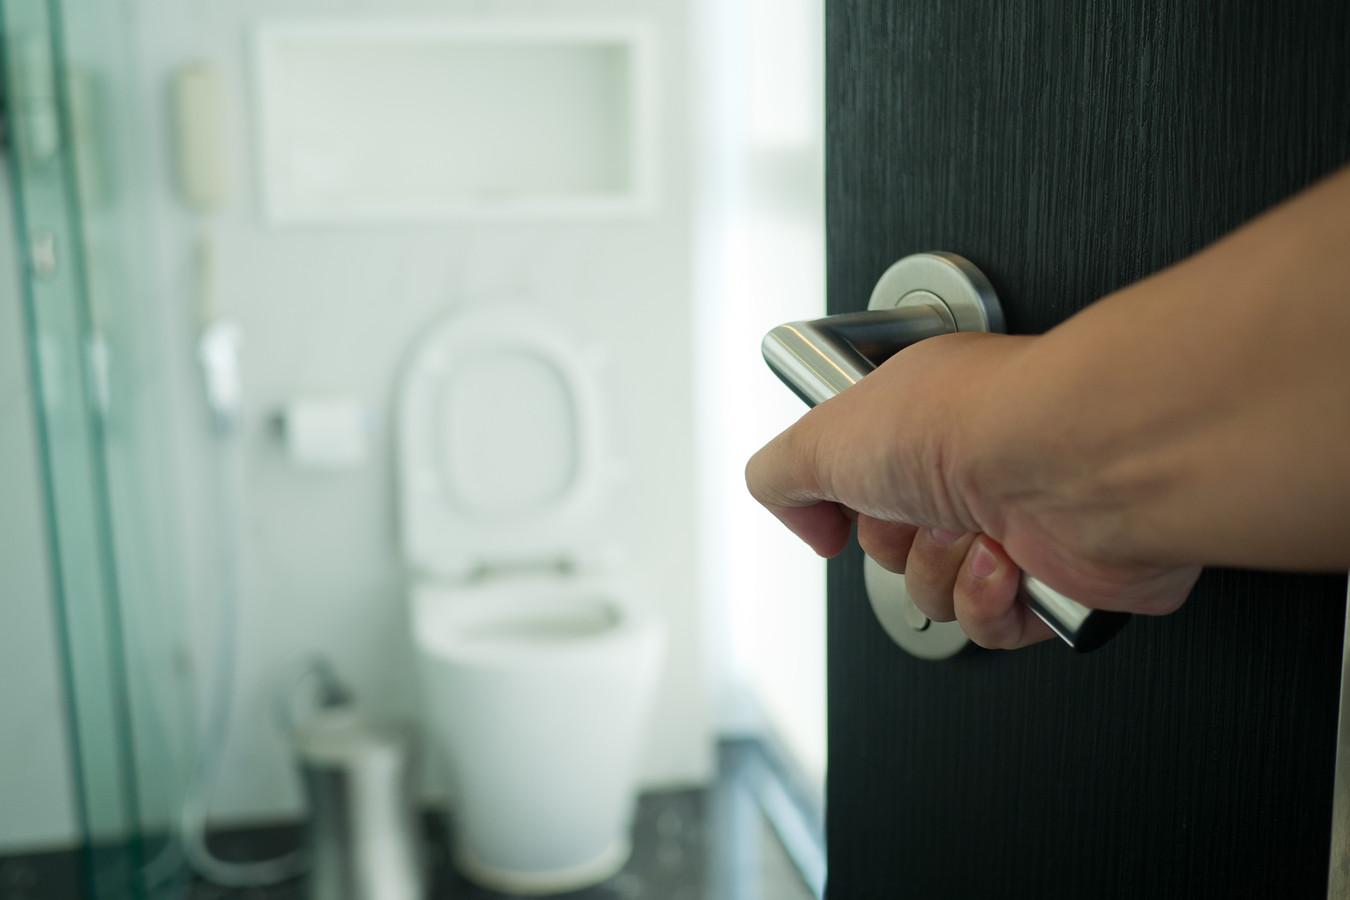 Badkamerdeuren die naar binnen open gaan zijn zeer zeldzaam.